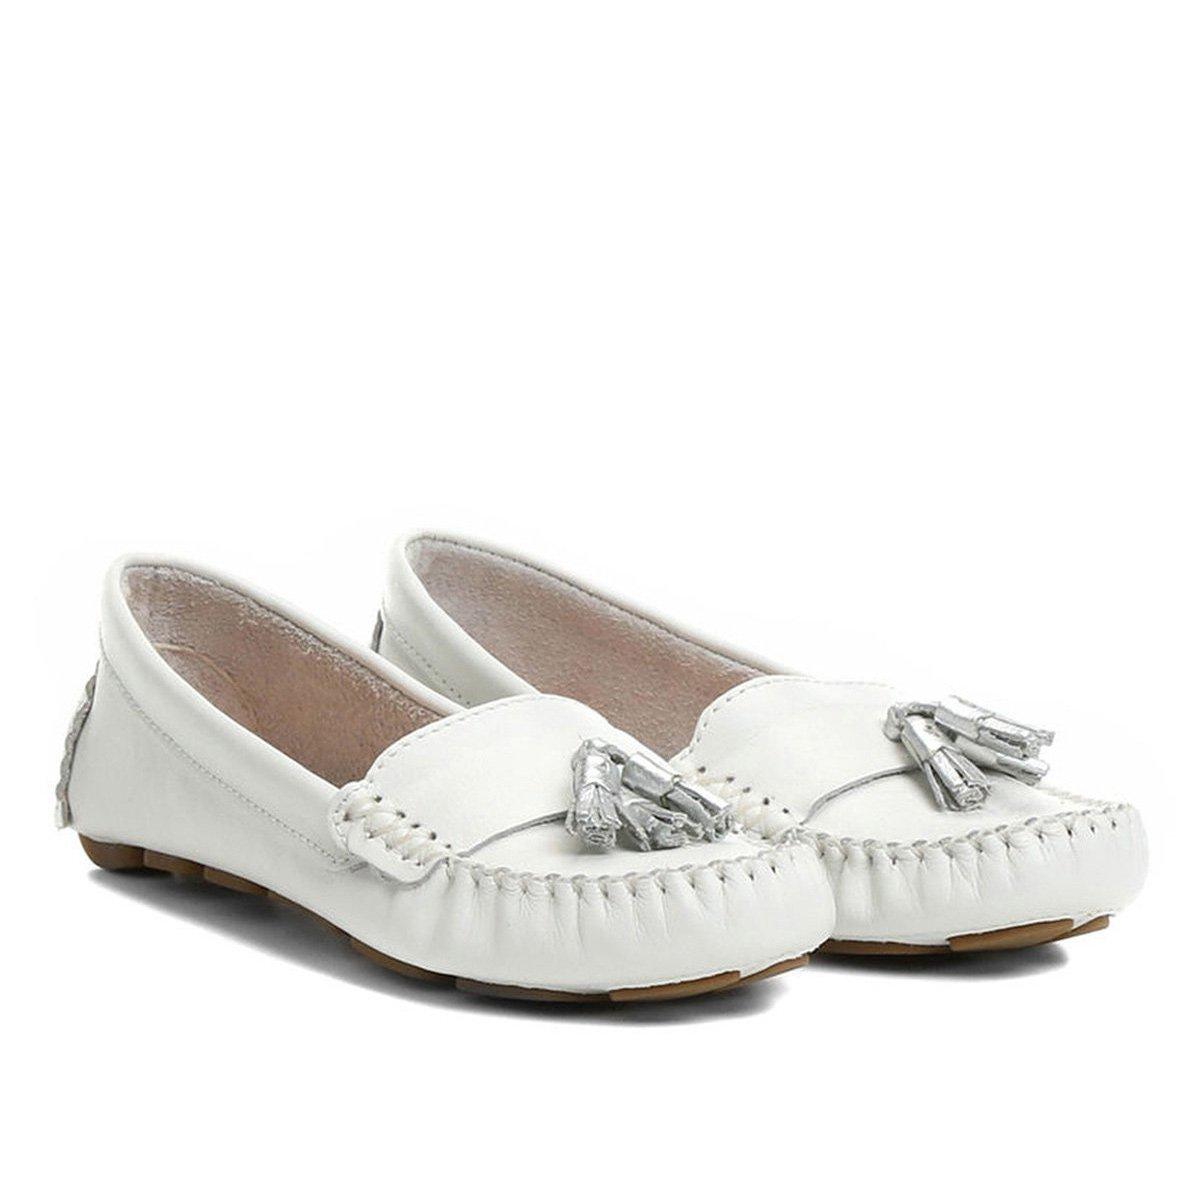 527850fc6e Mocassim Couro Shoestock Drive Barbicacho Feminino - Compre Agora ...